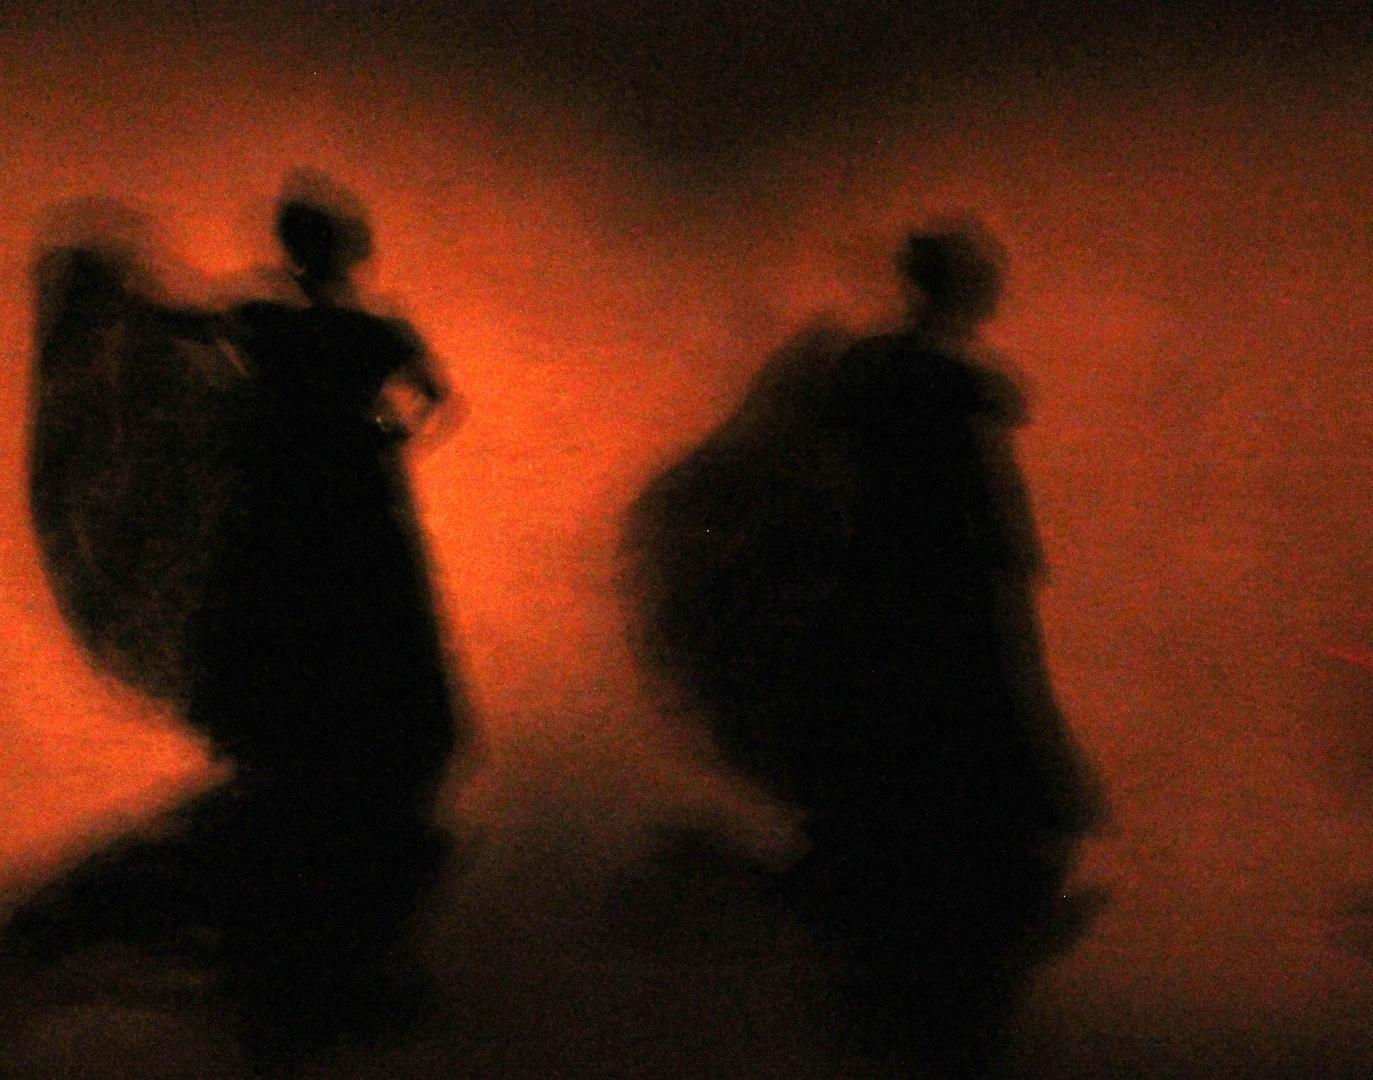 baile de sombras